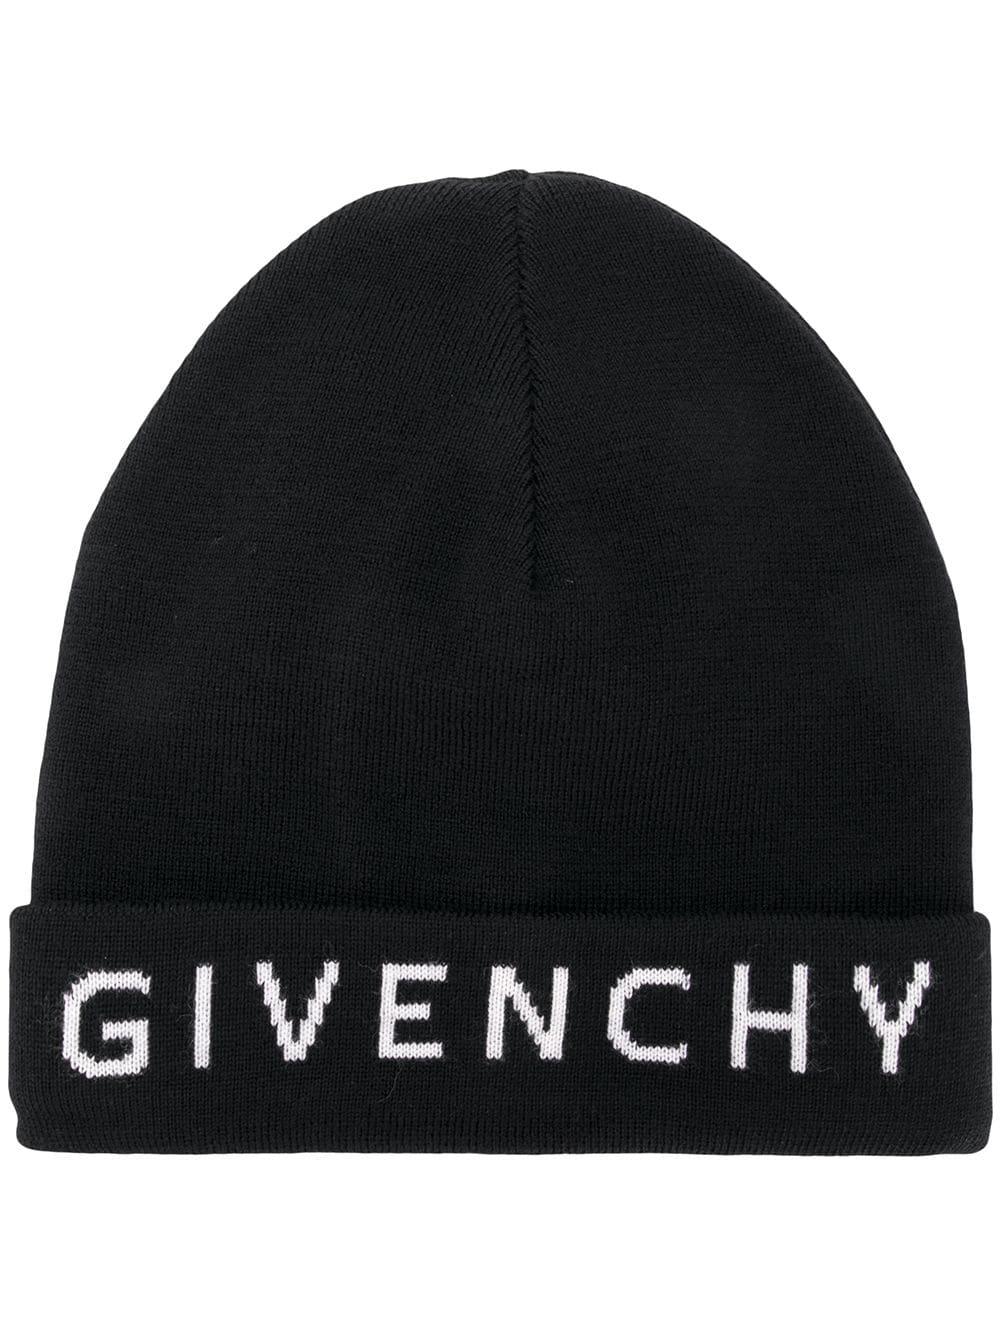 aae54457ddd Givenchy Logo Intarsia Wool Beanie Hat In Black